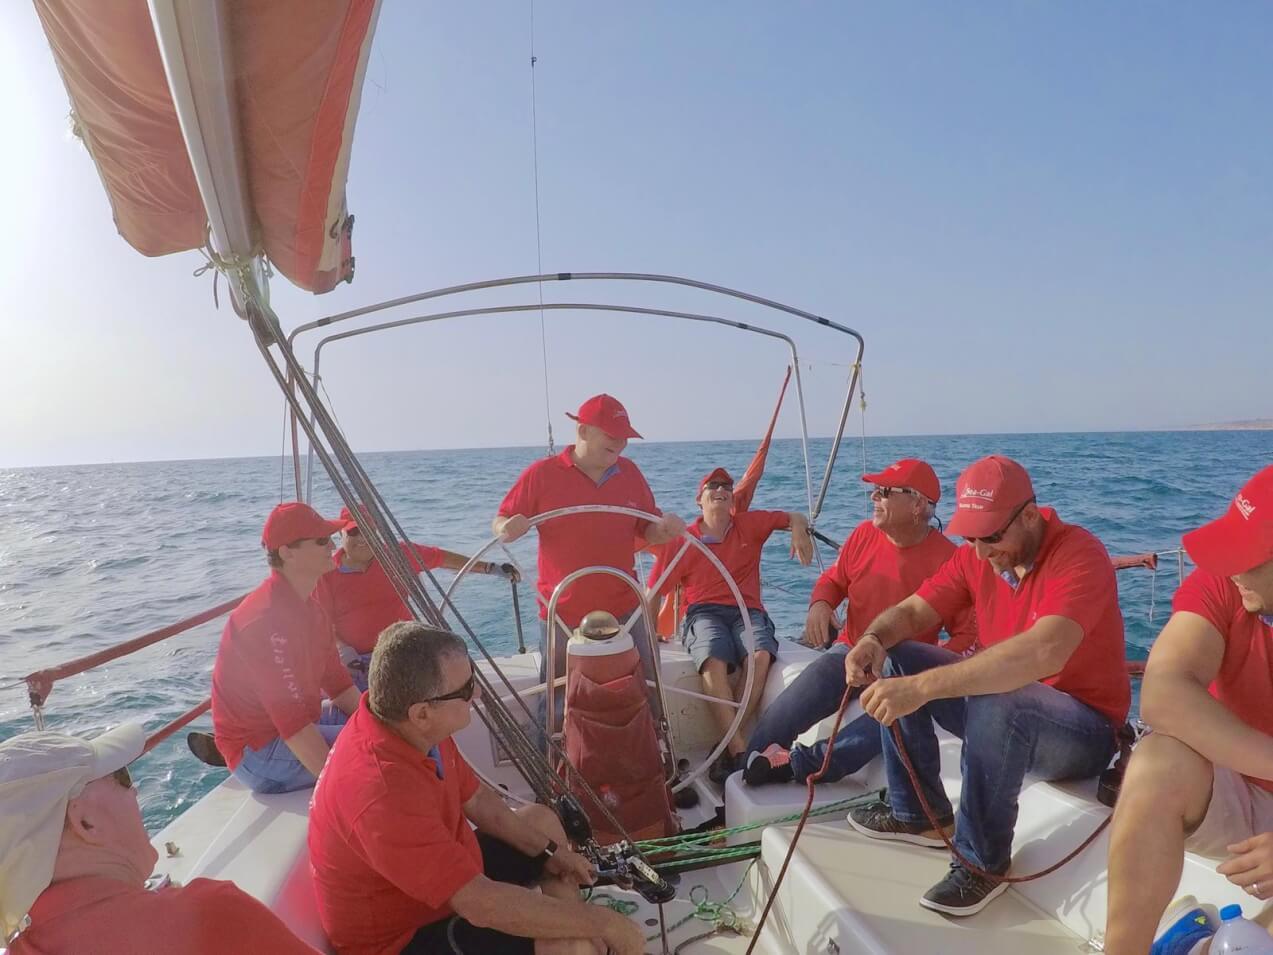 הפלגה מקצועית בים